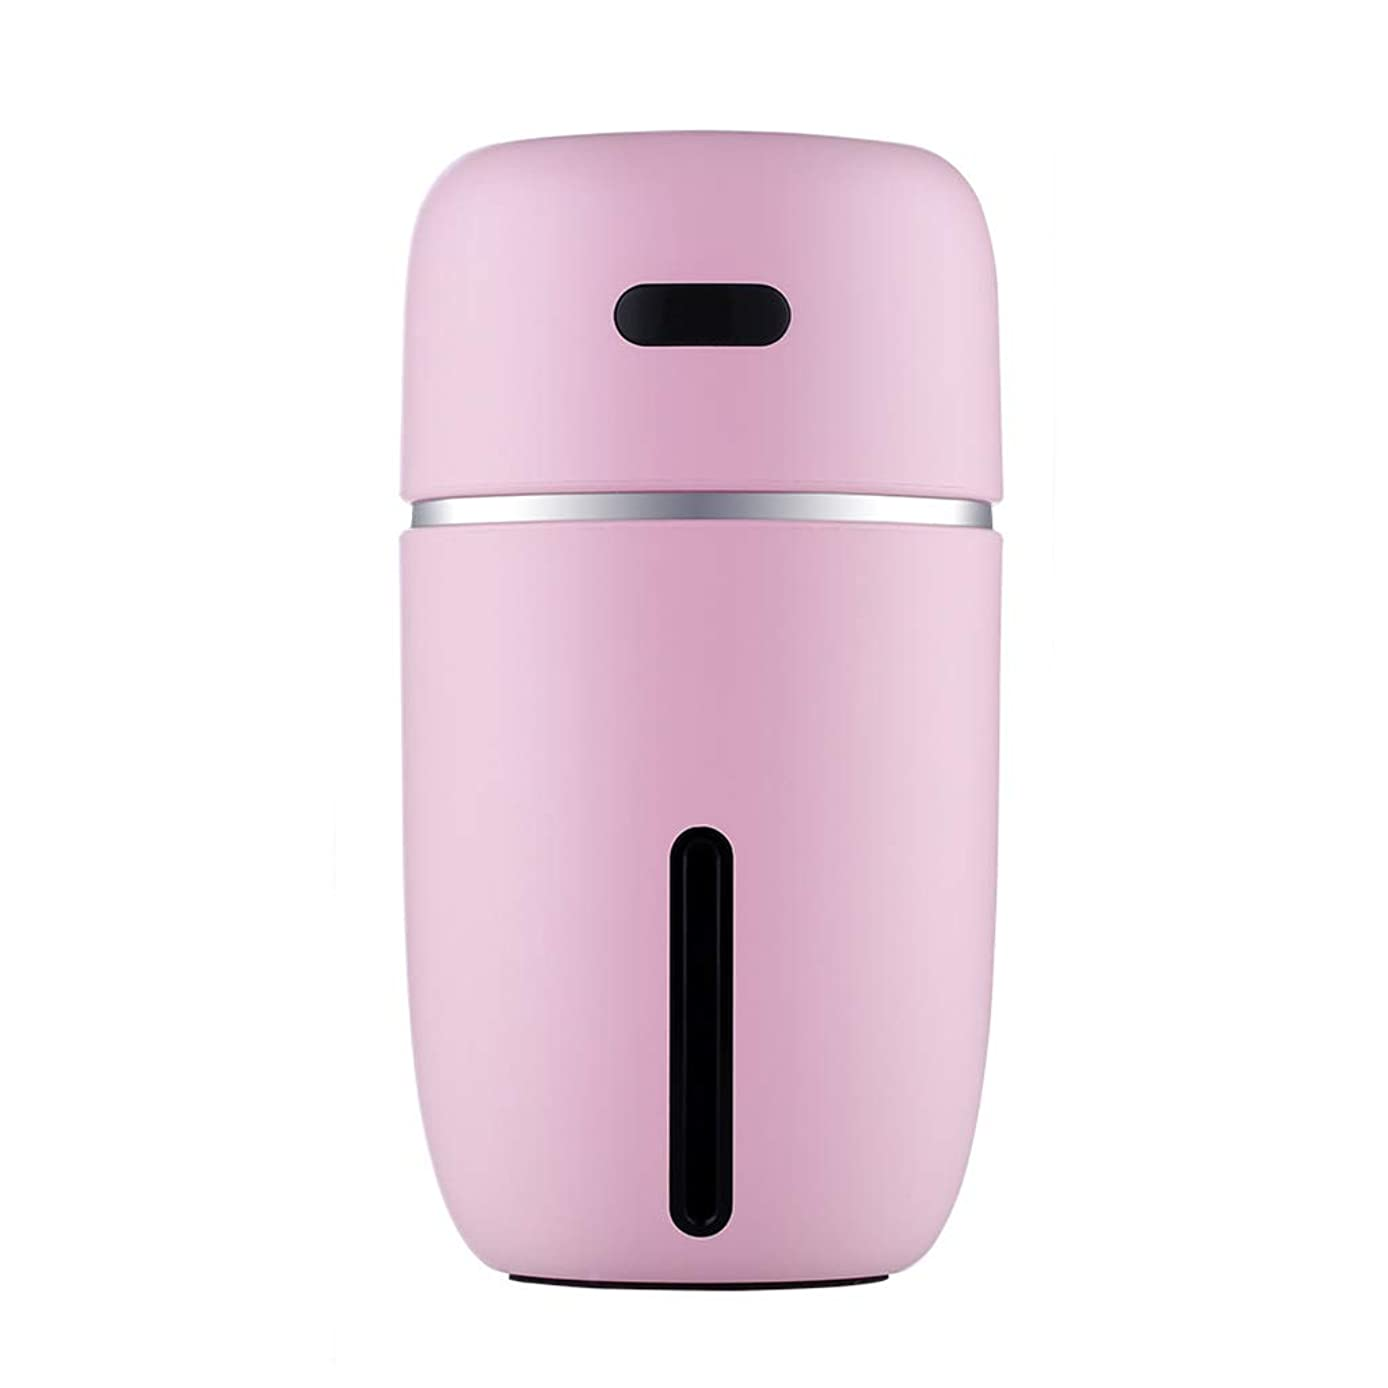 ミニ車ホーム加湿器3で 1 USB 水メーターオフィス空気清浄器ディフューザーオフィスホーム研究ヨガスパ (ブラック/ブルー/ホワイト/ピンク),A